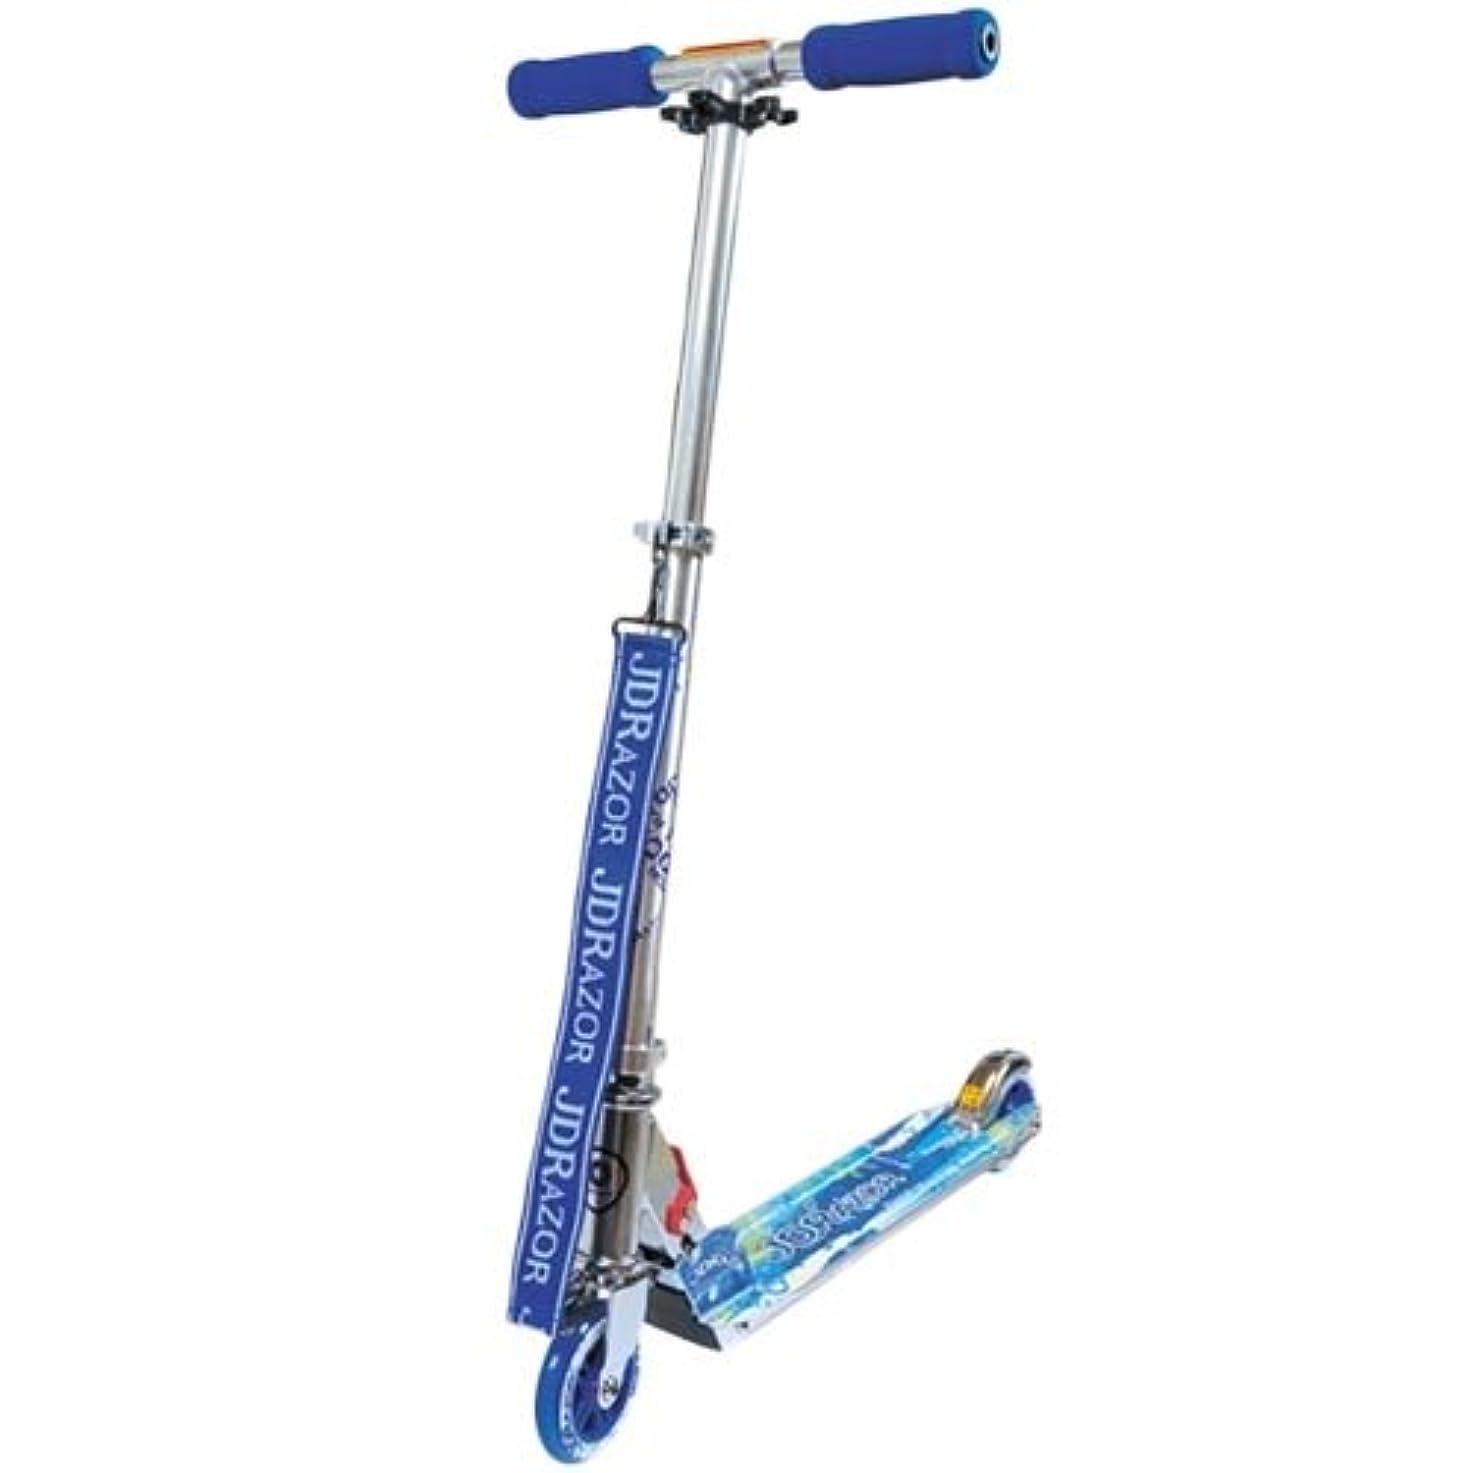 盗難知り合いはっきりと[ジェイディレーザー] キッズ スクーターボード キックスケーター ショルダーストラップ付き ブルー MS103-X2